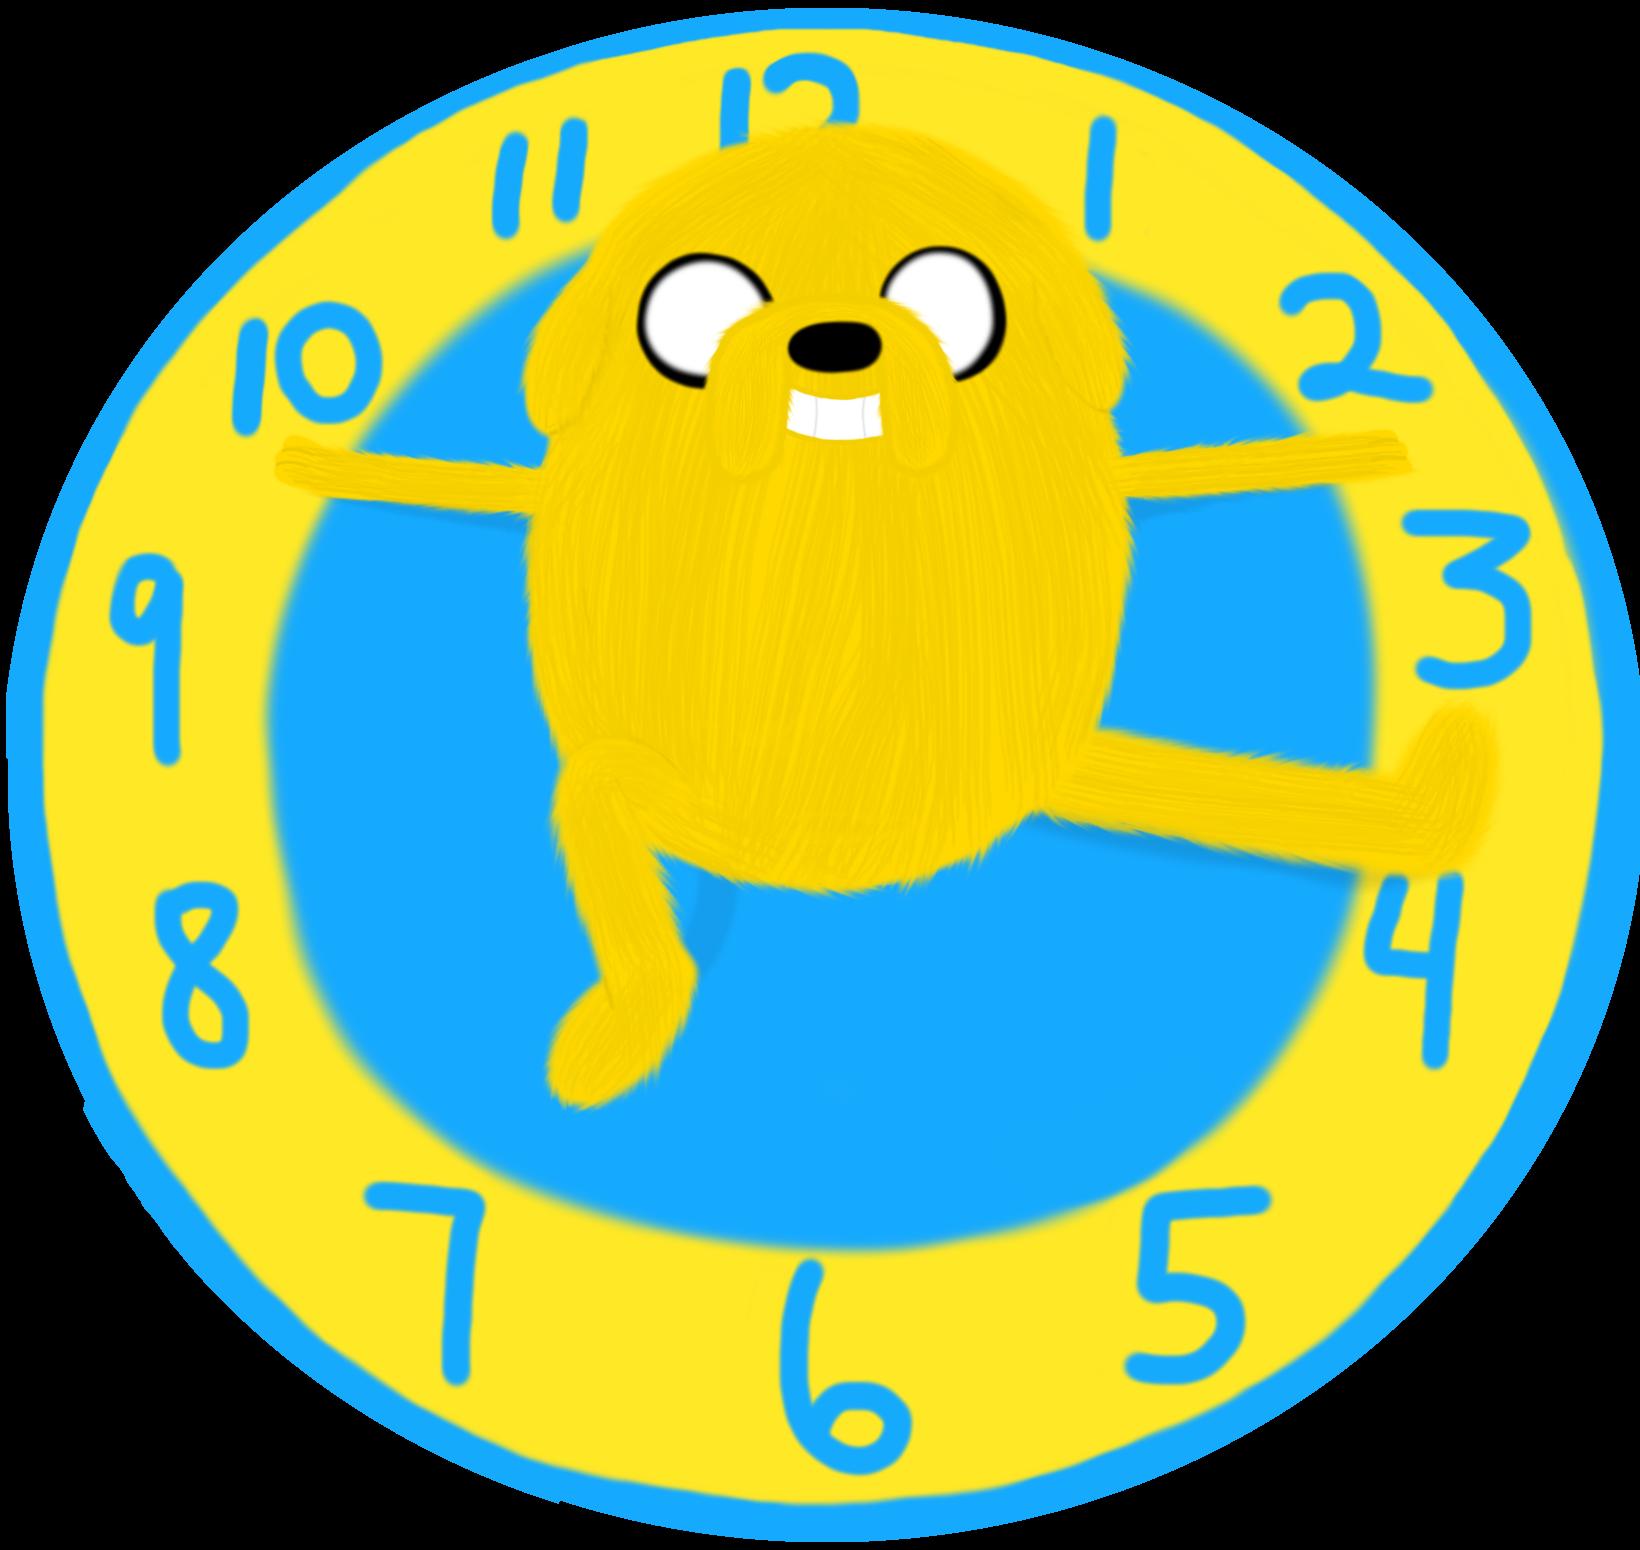 Clock Rug Stretch By AquaSeashells On DeviantArt